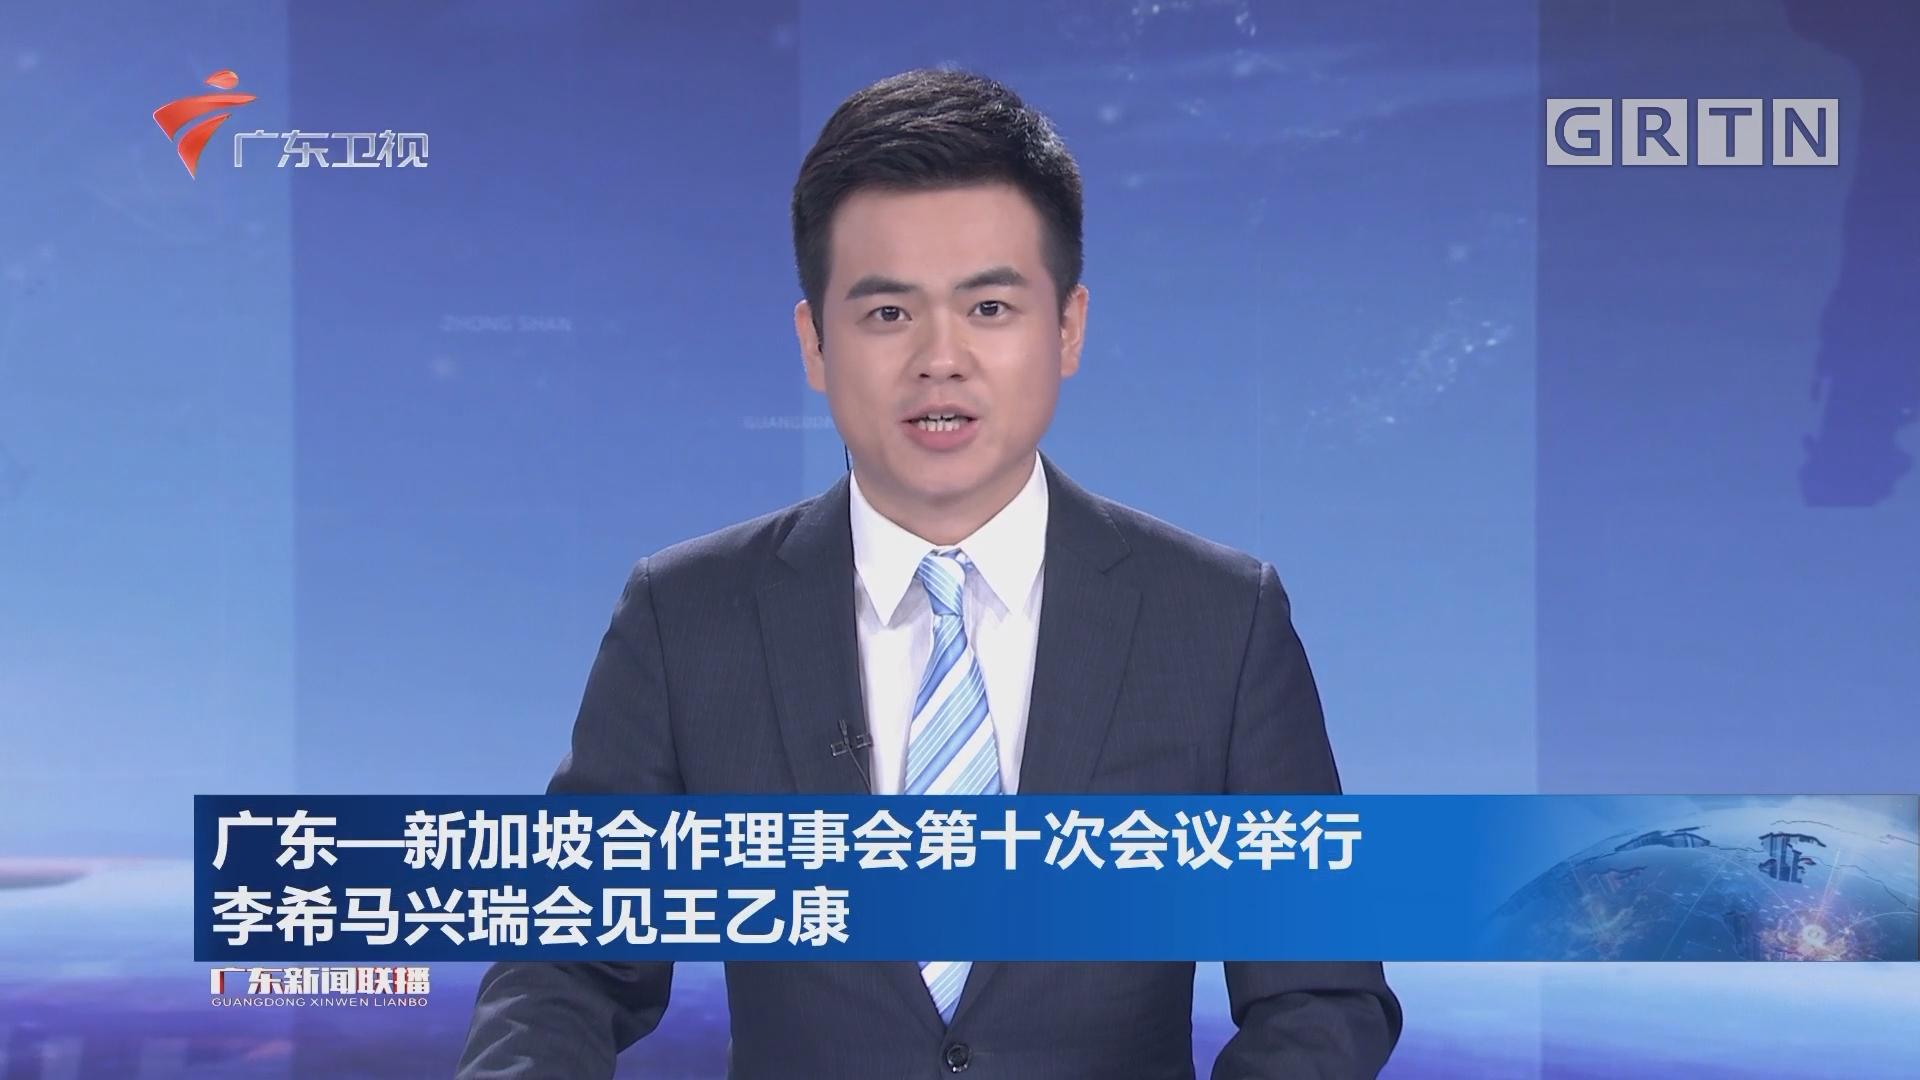 广东-新加坡合作理事会第十次会议举行 李希马兴瑞会见王乙康